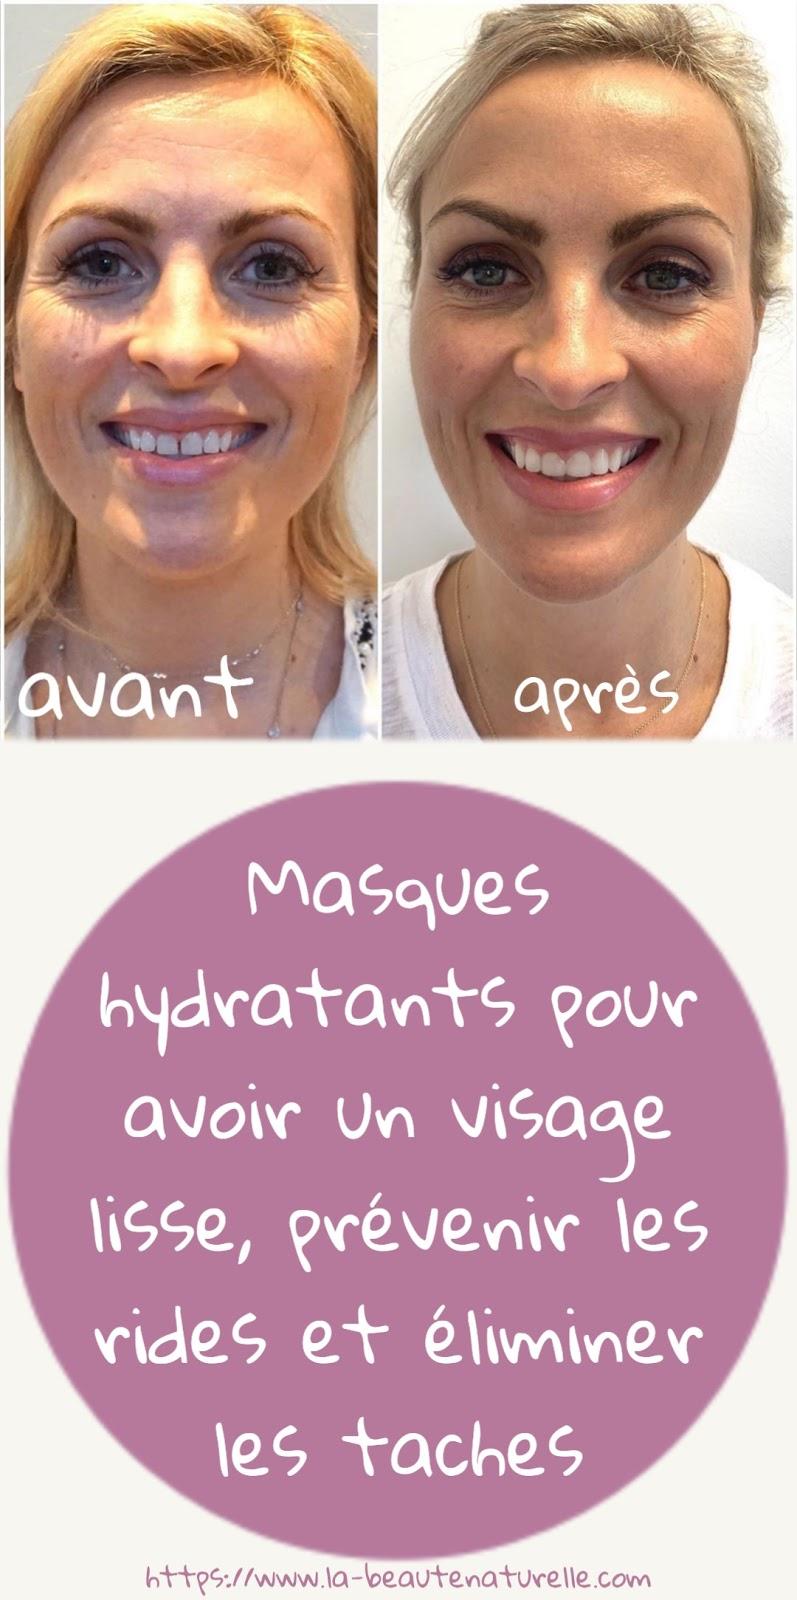 Masques hydratants pour avoir un visage lisse, prévenir les rides et éliminer les taches